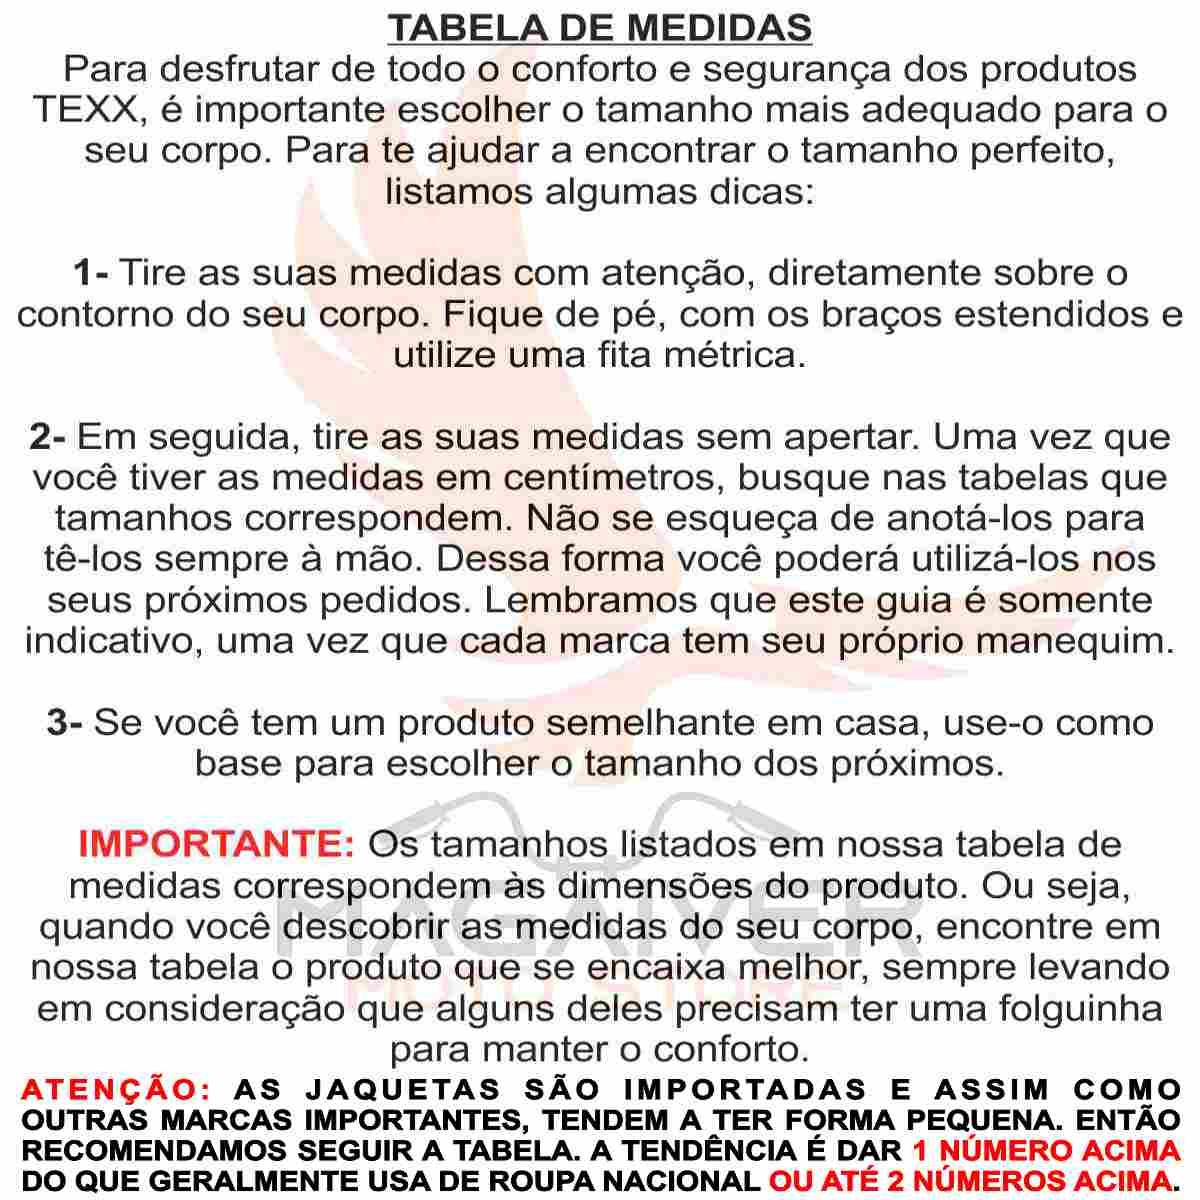 JAQUETA MOTOCICISTA TEXX ARMOR FEMININA 100% IMPERMÁVEL TIPO PARKA LONGA PROTEÇÕES VÁRIOS BOLSOS